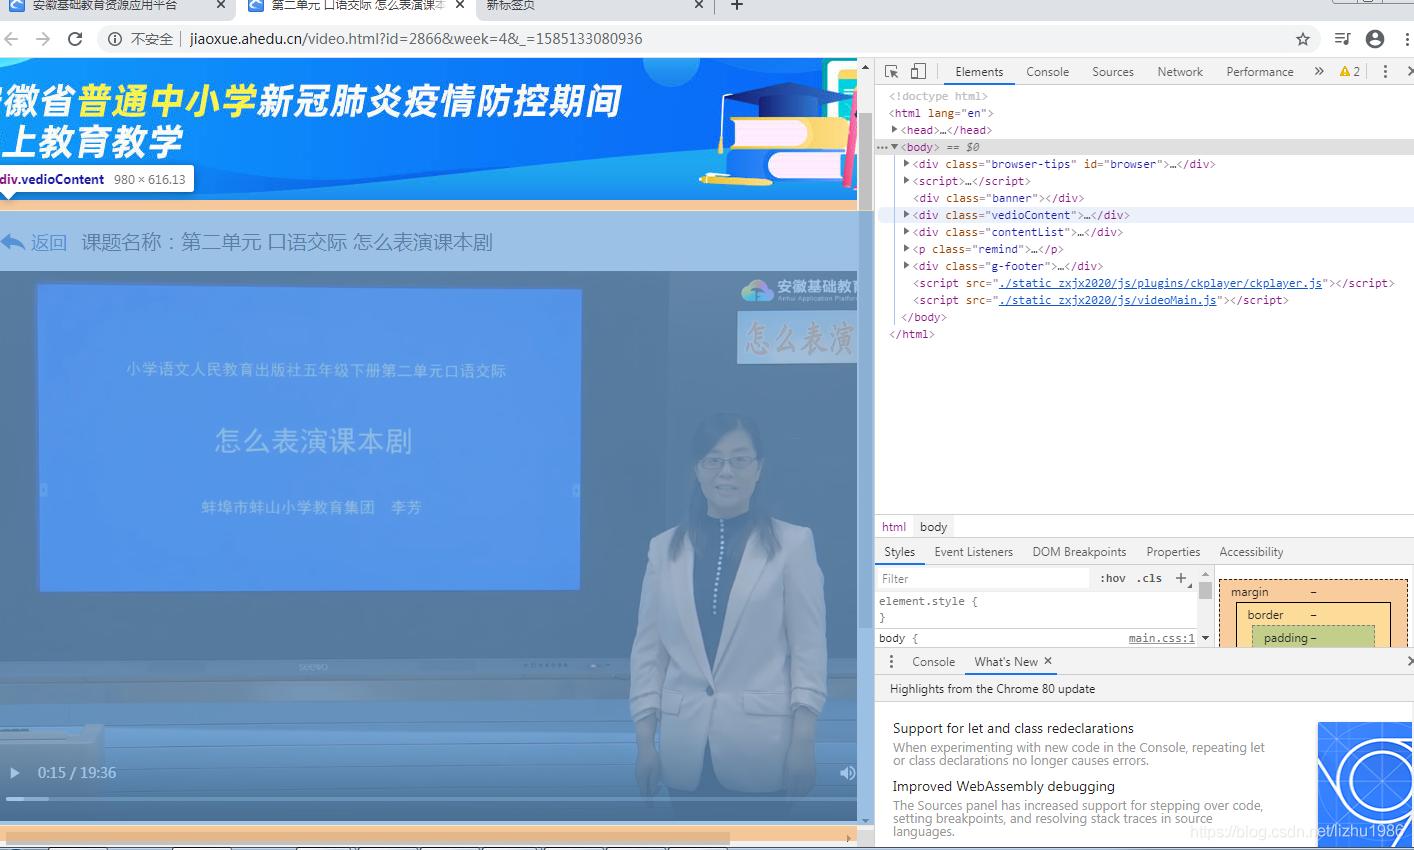 浏览器下载的电影网站源码(uc浏览起器下载最新版) (https://www.oilcn.net.cn/) 综合教程 第6张